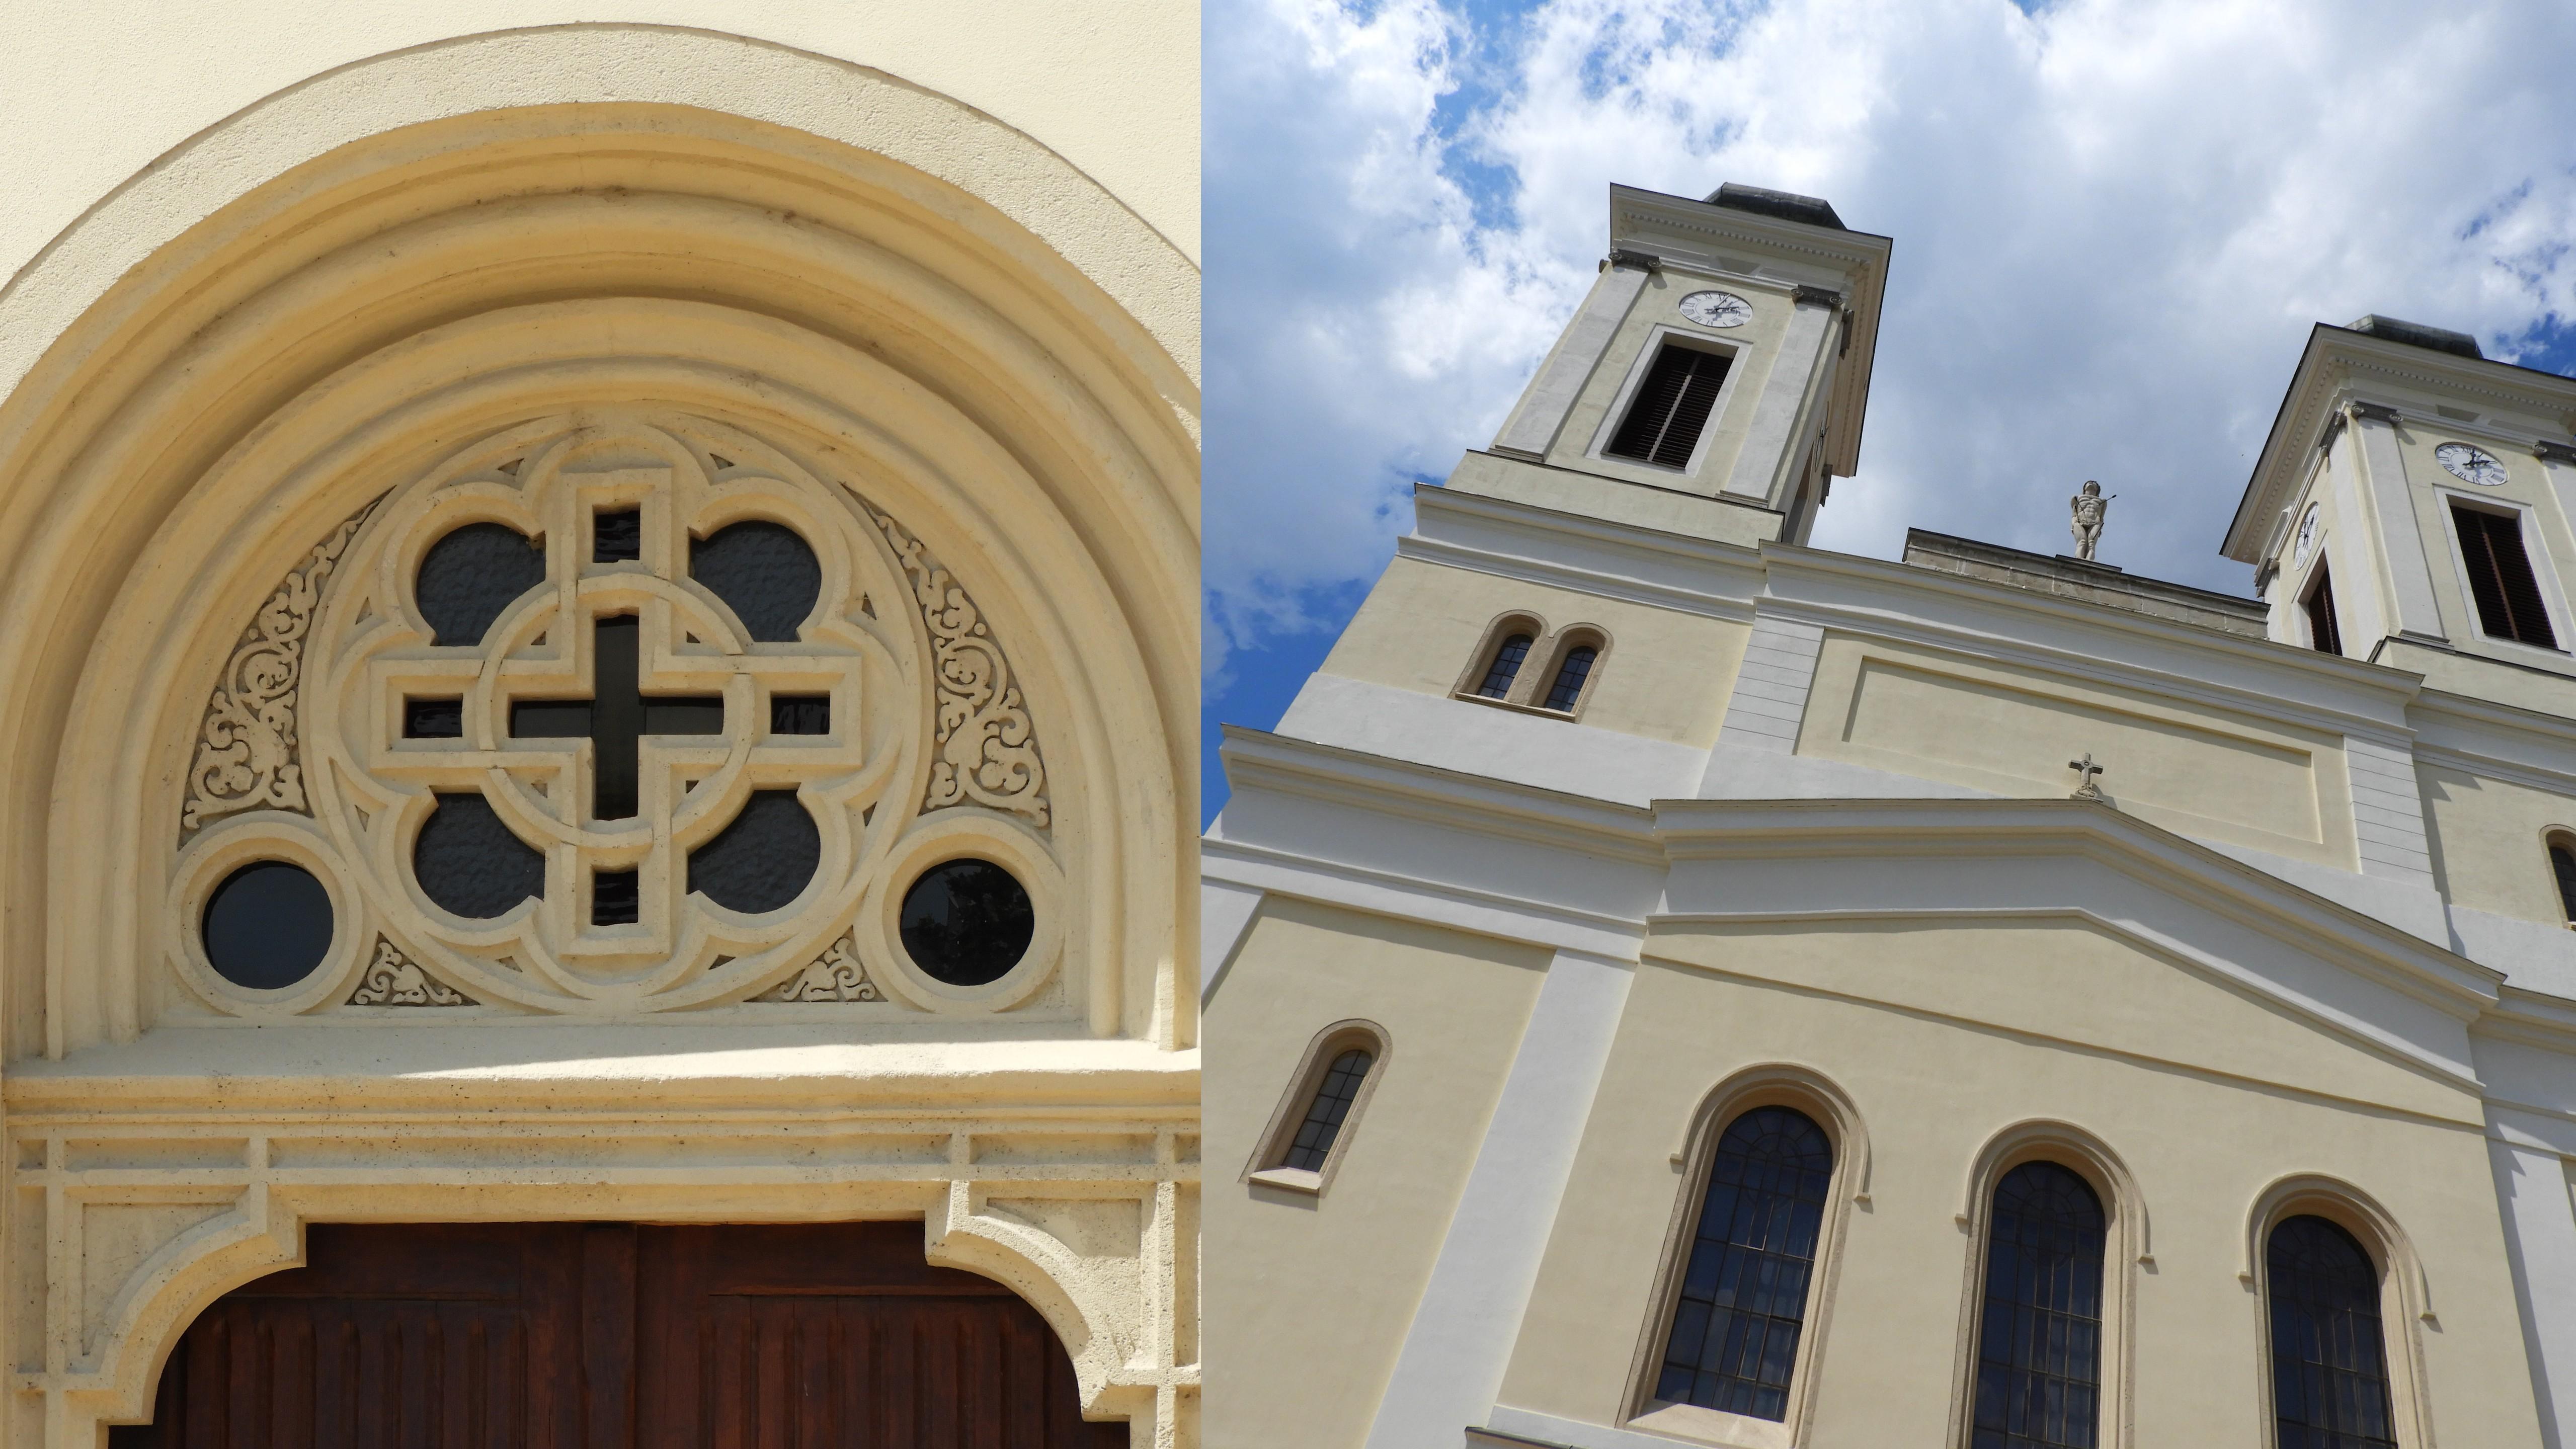 templomok1.jpg